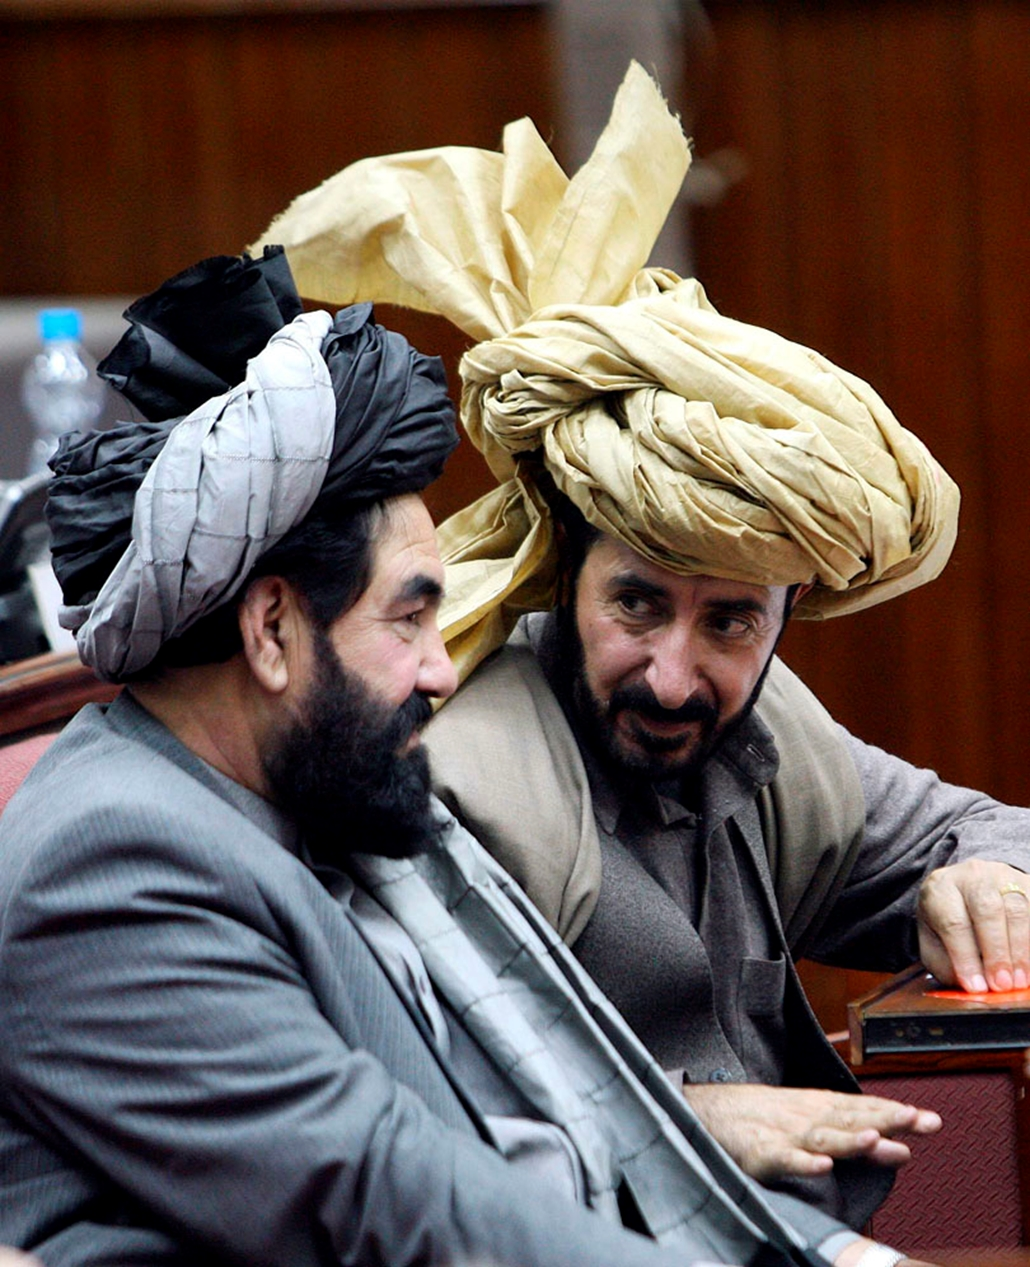 Afgán parlamenti képviselők Kabulban 2010. január 2-án, a törvényhozás plenáris ülésén. Ezen a napon elutasította az afgán parlament a Hamid Karzai elnök által javasolt miniszterjelölteknek több mint a felét, jelezve, hogy a második mandátumát kezdő államfő a képviselők jelentős ellenállásába ütközik. A huszonnégy jelölt közül tizenharmadikként a nők ügyeinek miniszterévé jelölt Haszan Bano Gazanfar bukott el a képviselői szavazáson, az elutasított jelöltek között volt Karzai két szoros szövetségese, valamint az energiaipari miniszternek jelölt Iszmail Háin korábbi befolyásos hadúr is.